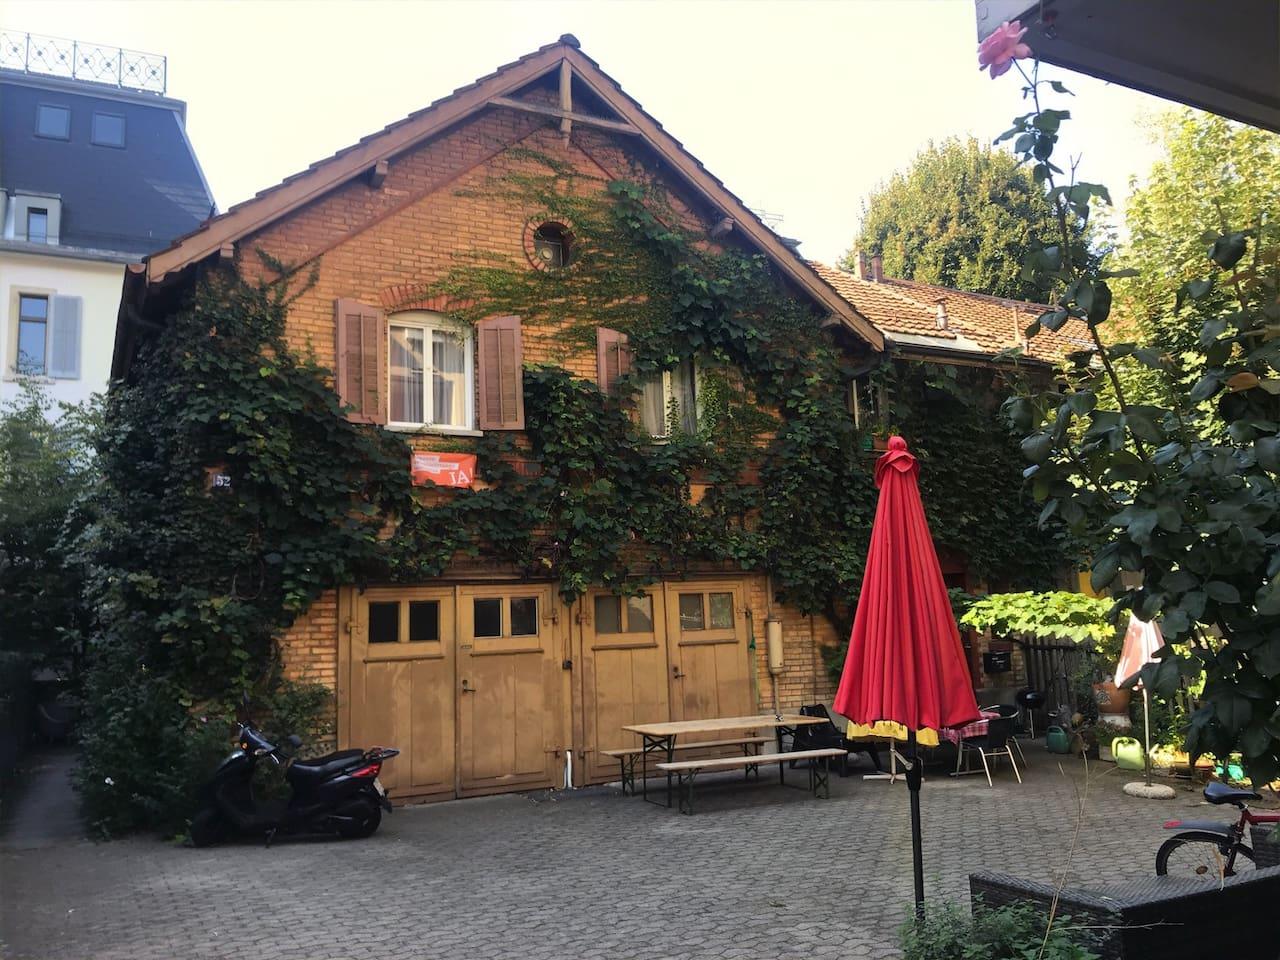 Das Haus von aussen, im Sommer Grill und Tischtennis möglich.